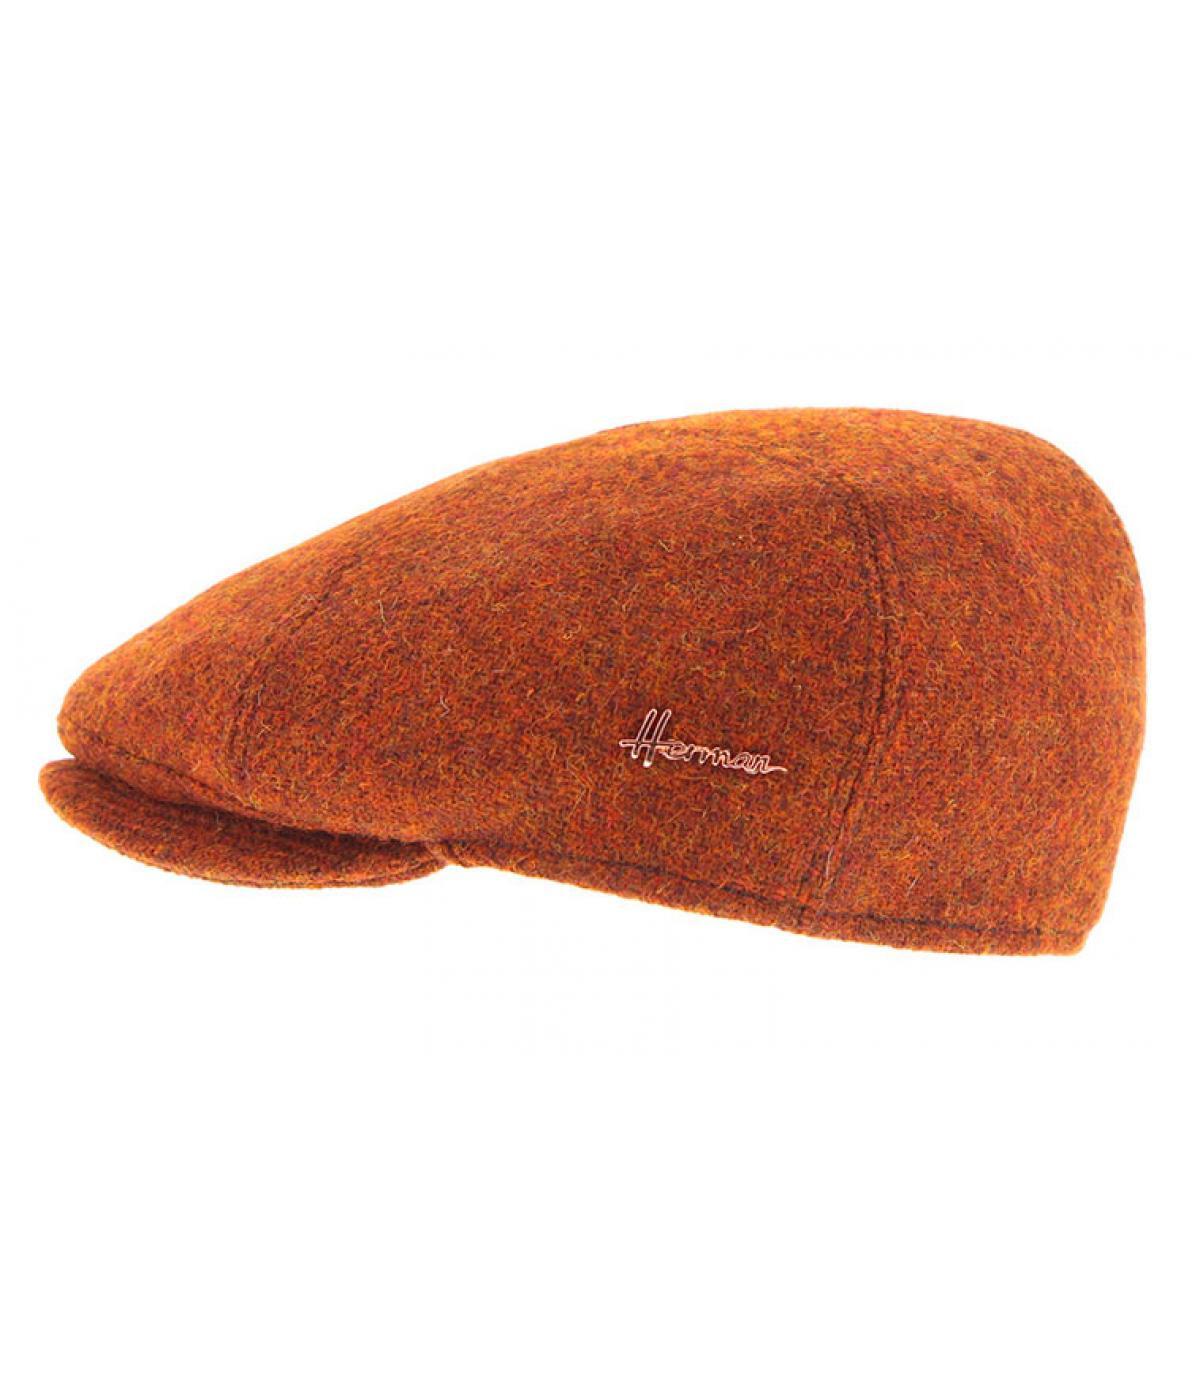 béret orange tweed Herman